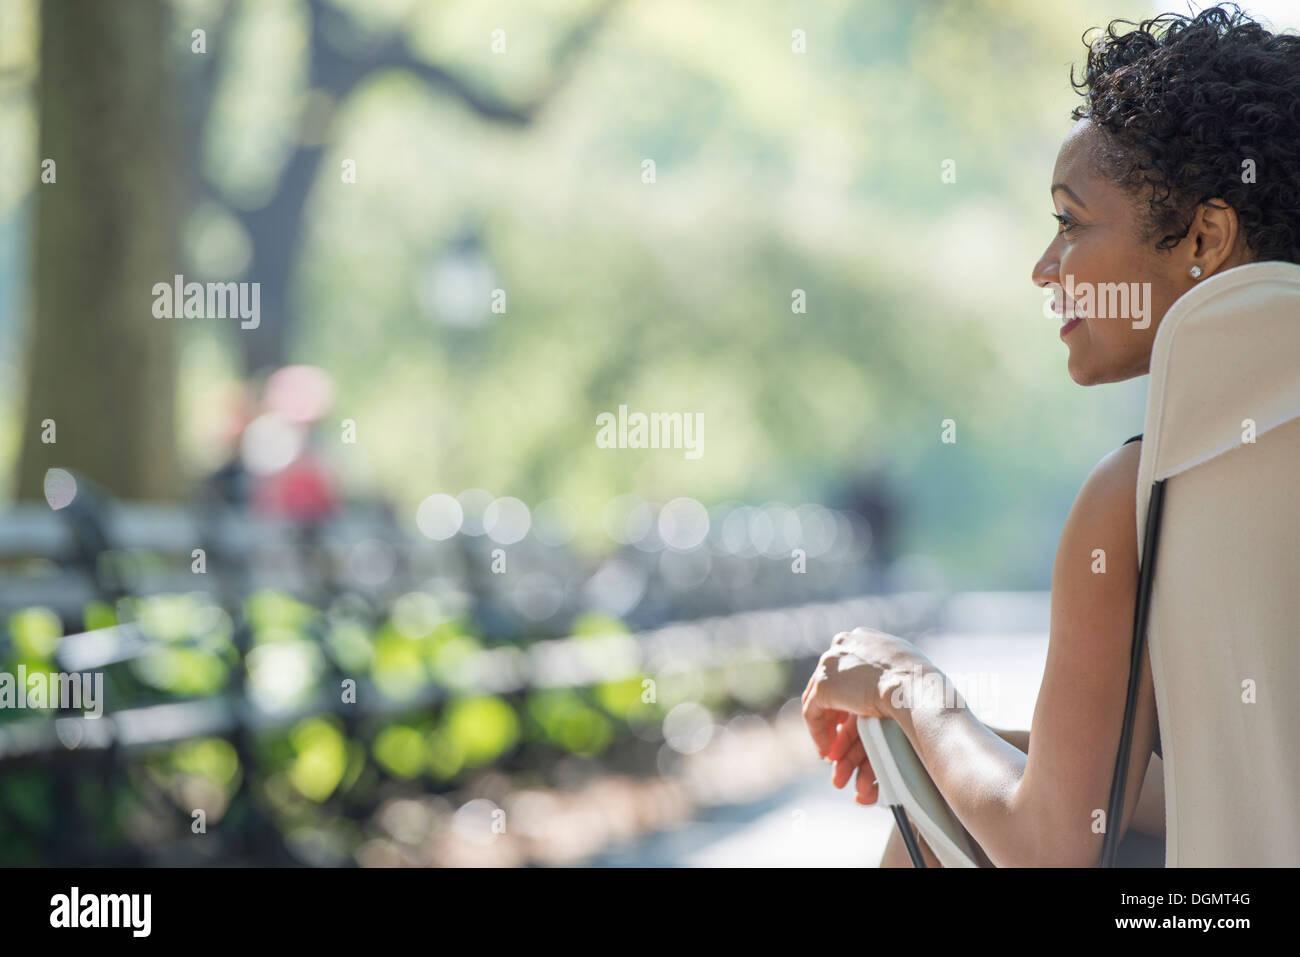 La vida de la ciudad. Una mujer sentada en una silla de camping en el parque de la ciudad. Imagen De Stock